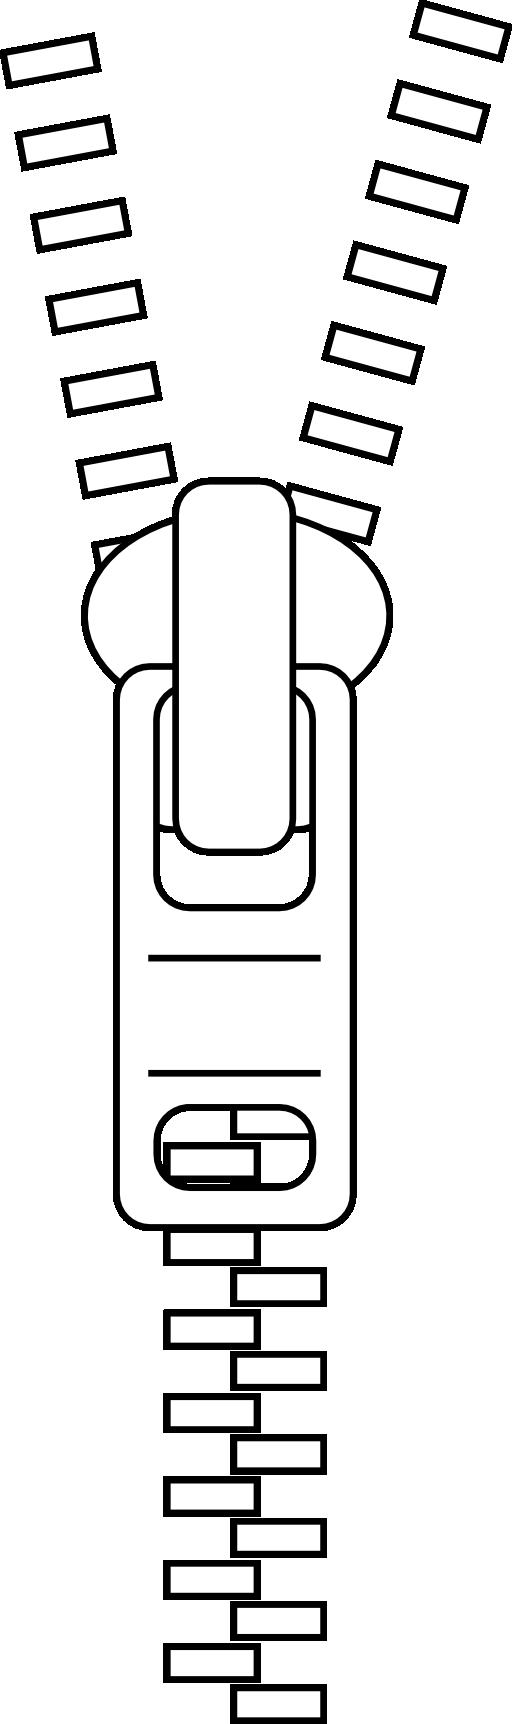 Zipper clipart clip art.  collection of zip